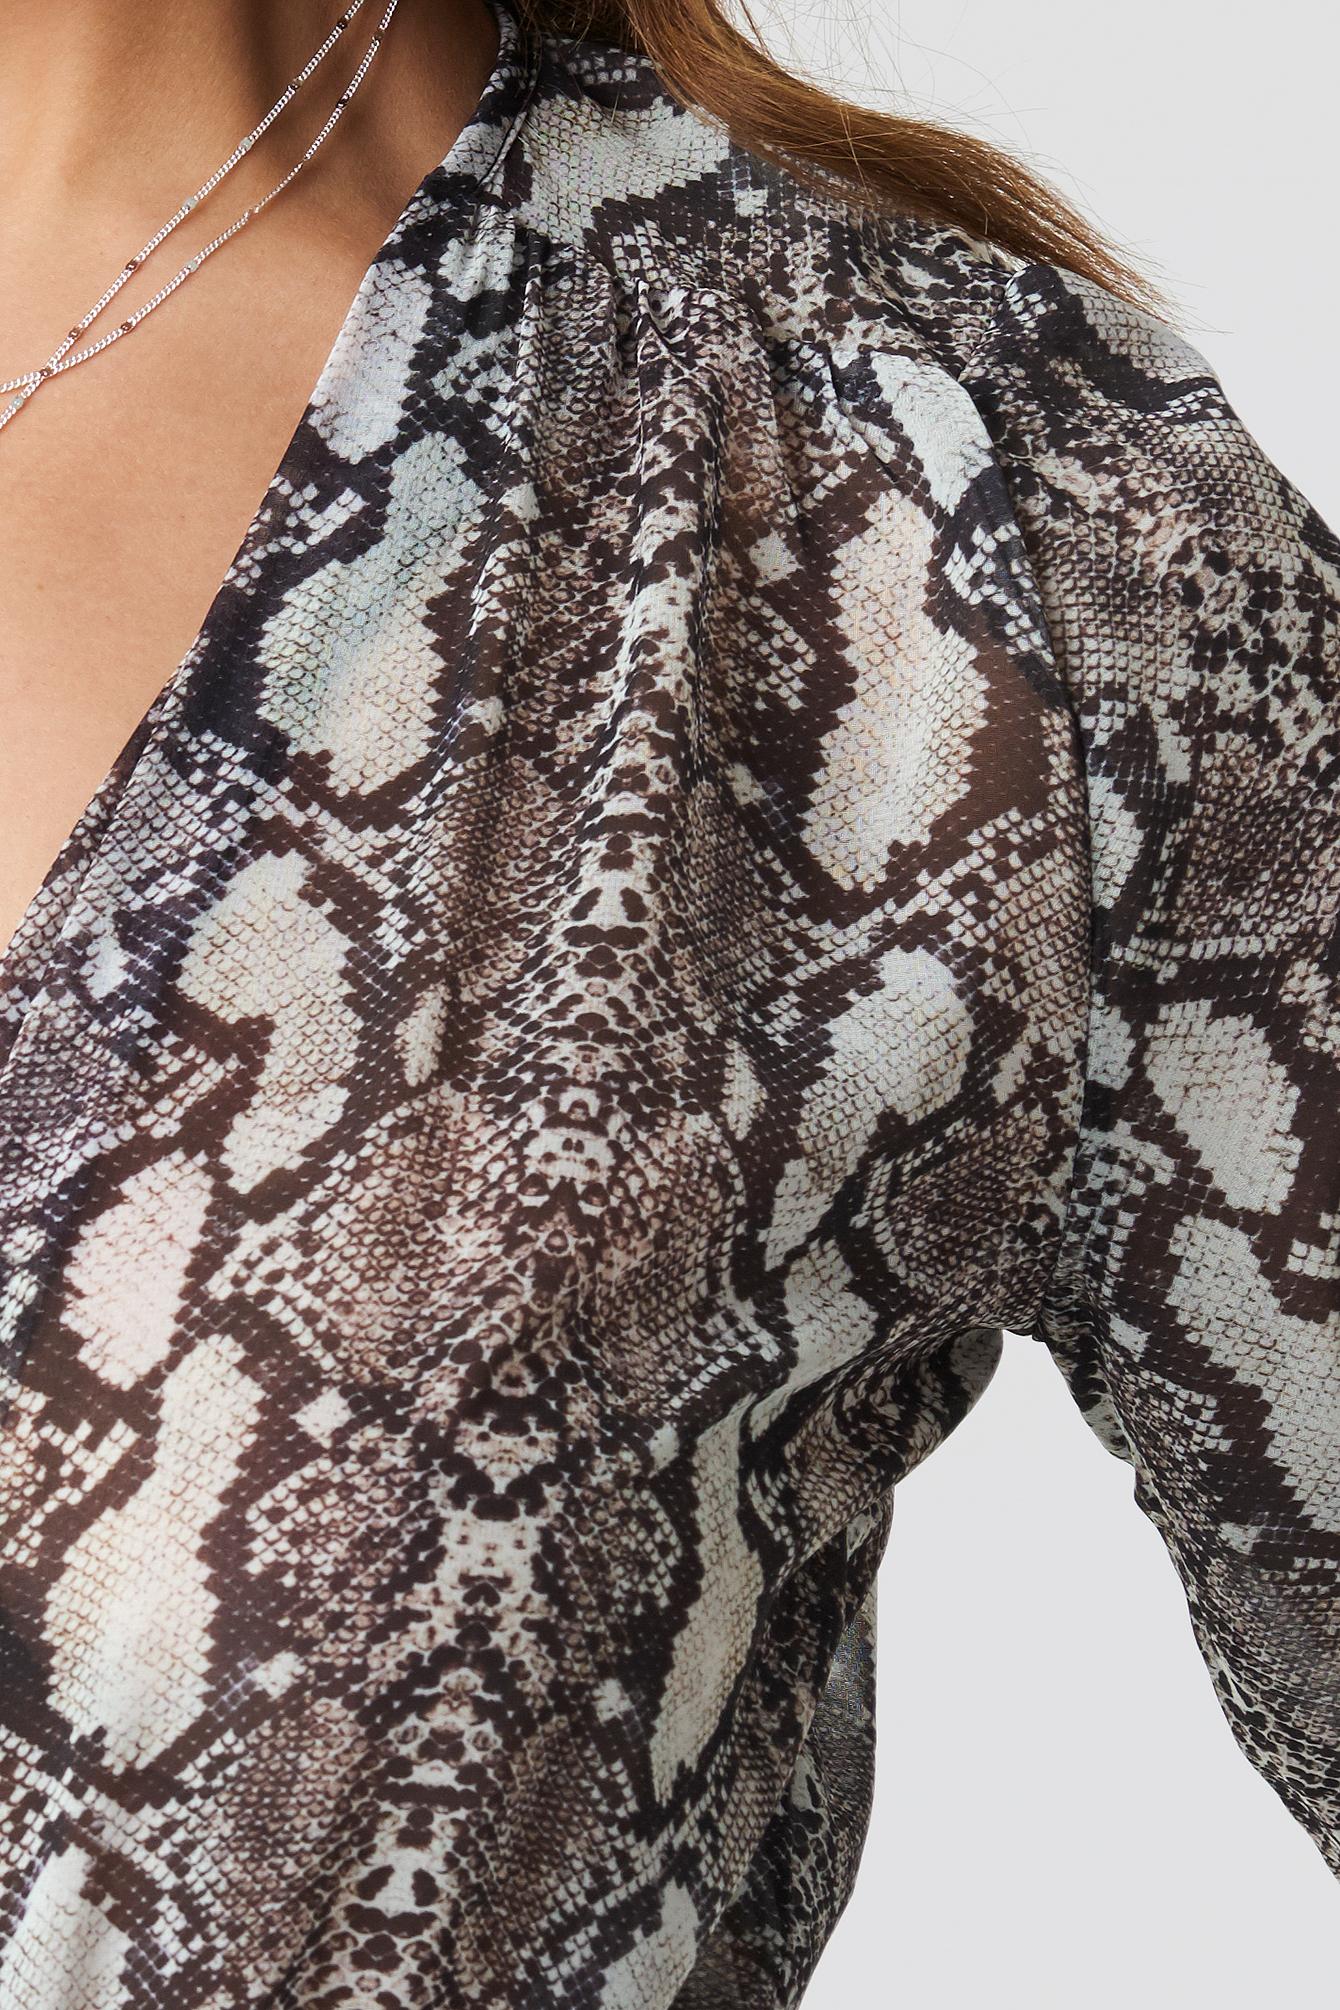 Snake Skin Patterned Body NA-KD.COM